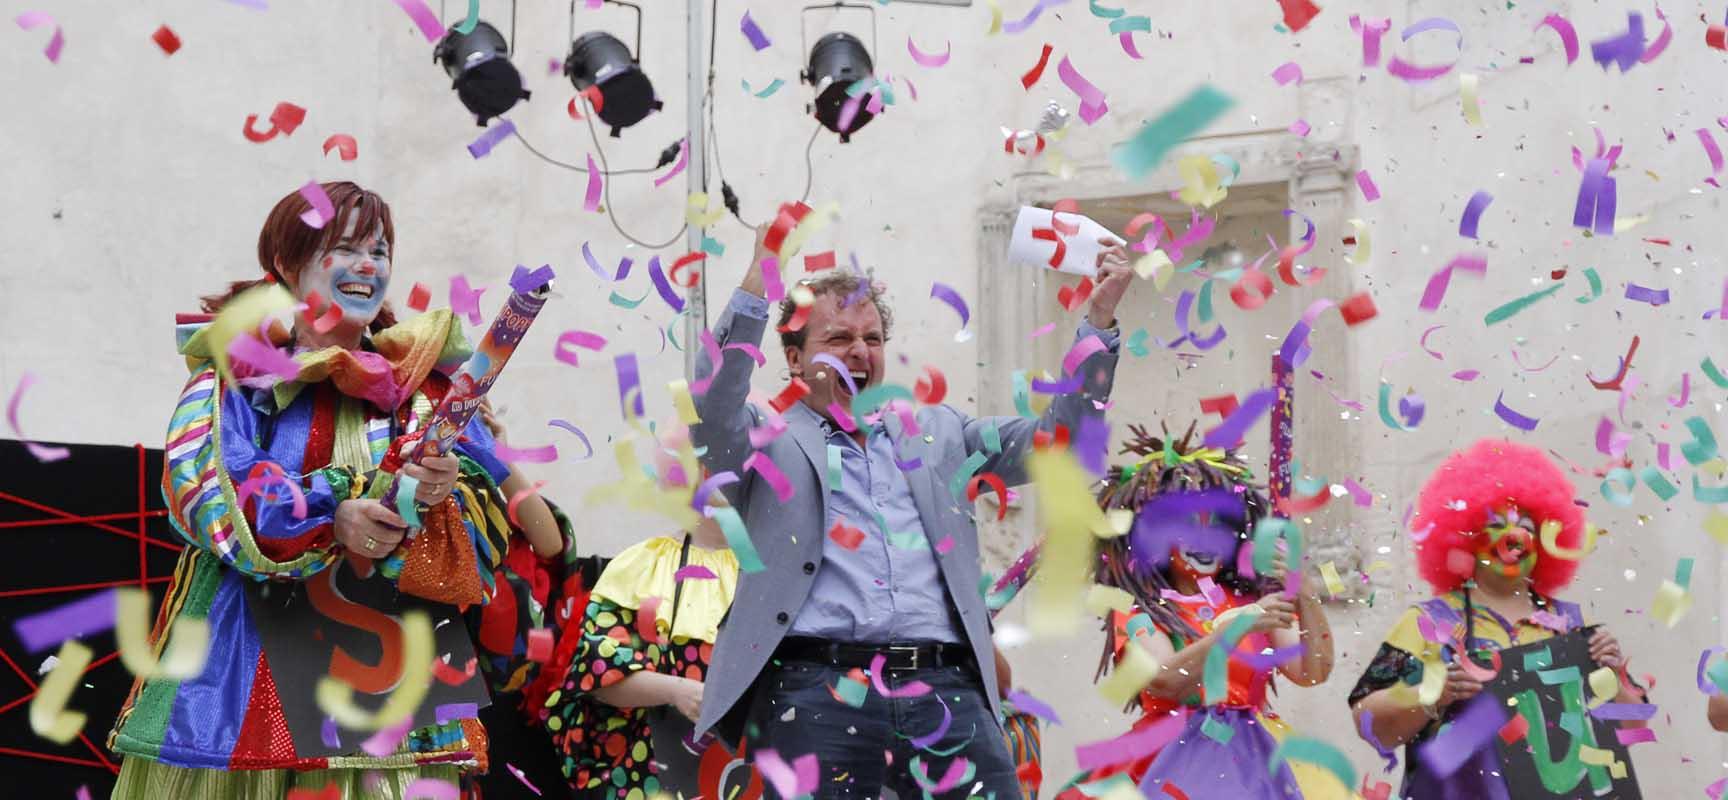 El pregón de Fernando Cayo finalizó con una explosión de confeti